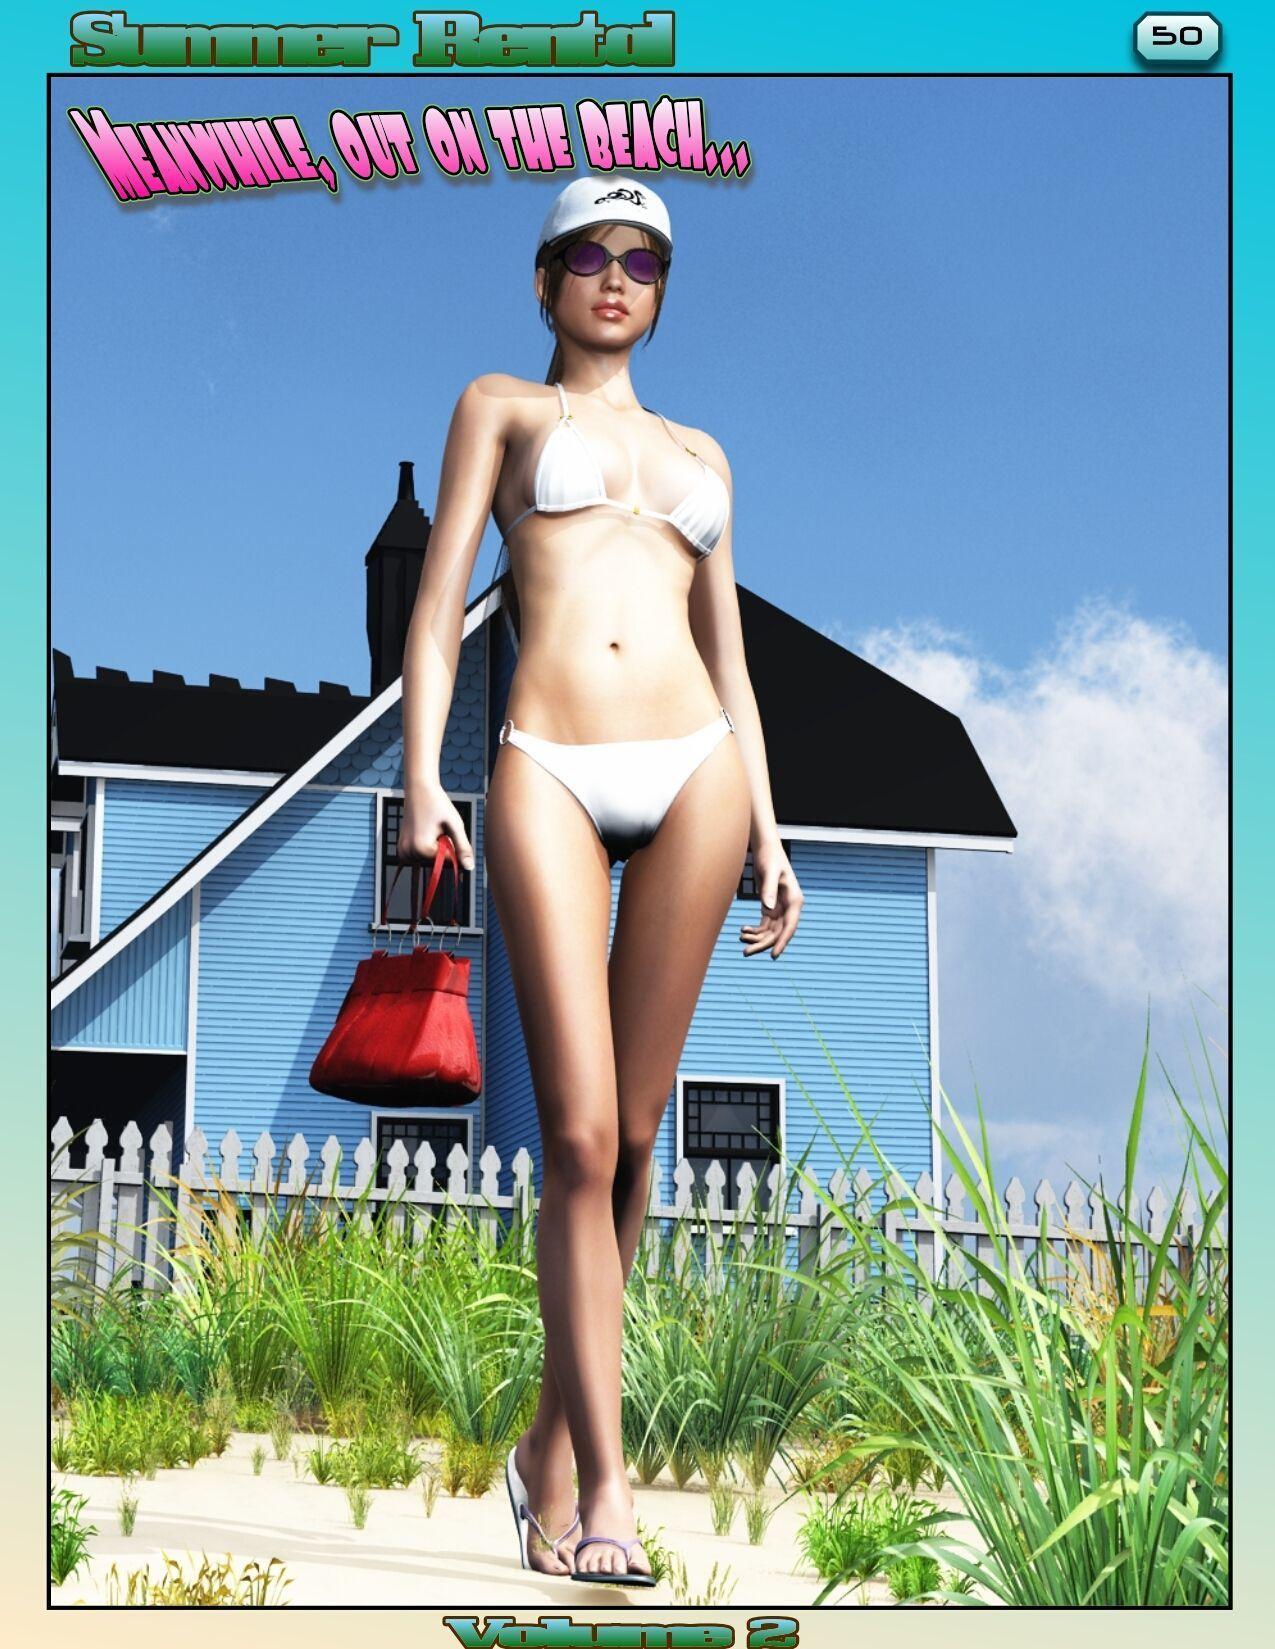 [Revenant] Summer Rental Vol. 2 - part 3